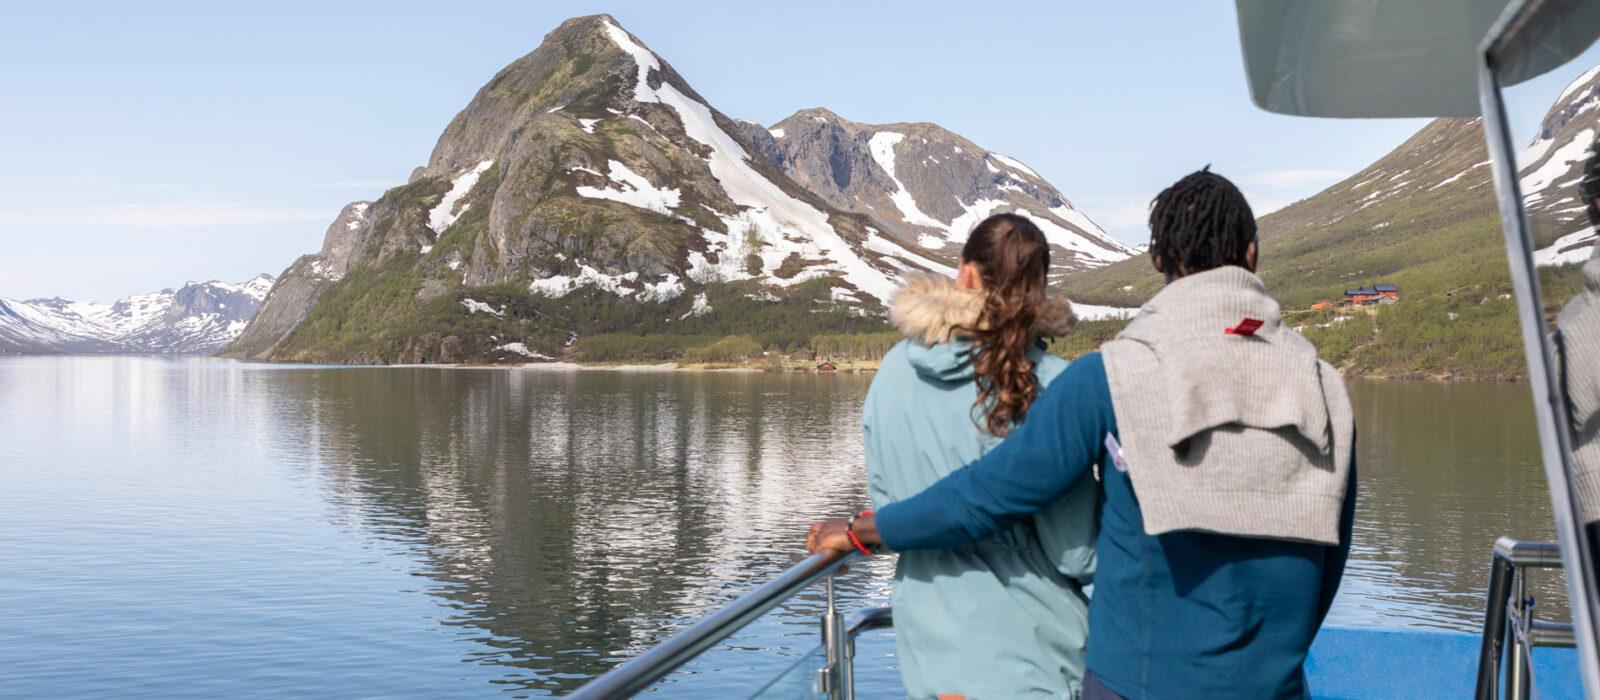 to som er på båttur med gjendebåtene over gjende før de skal gå fjelltur